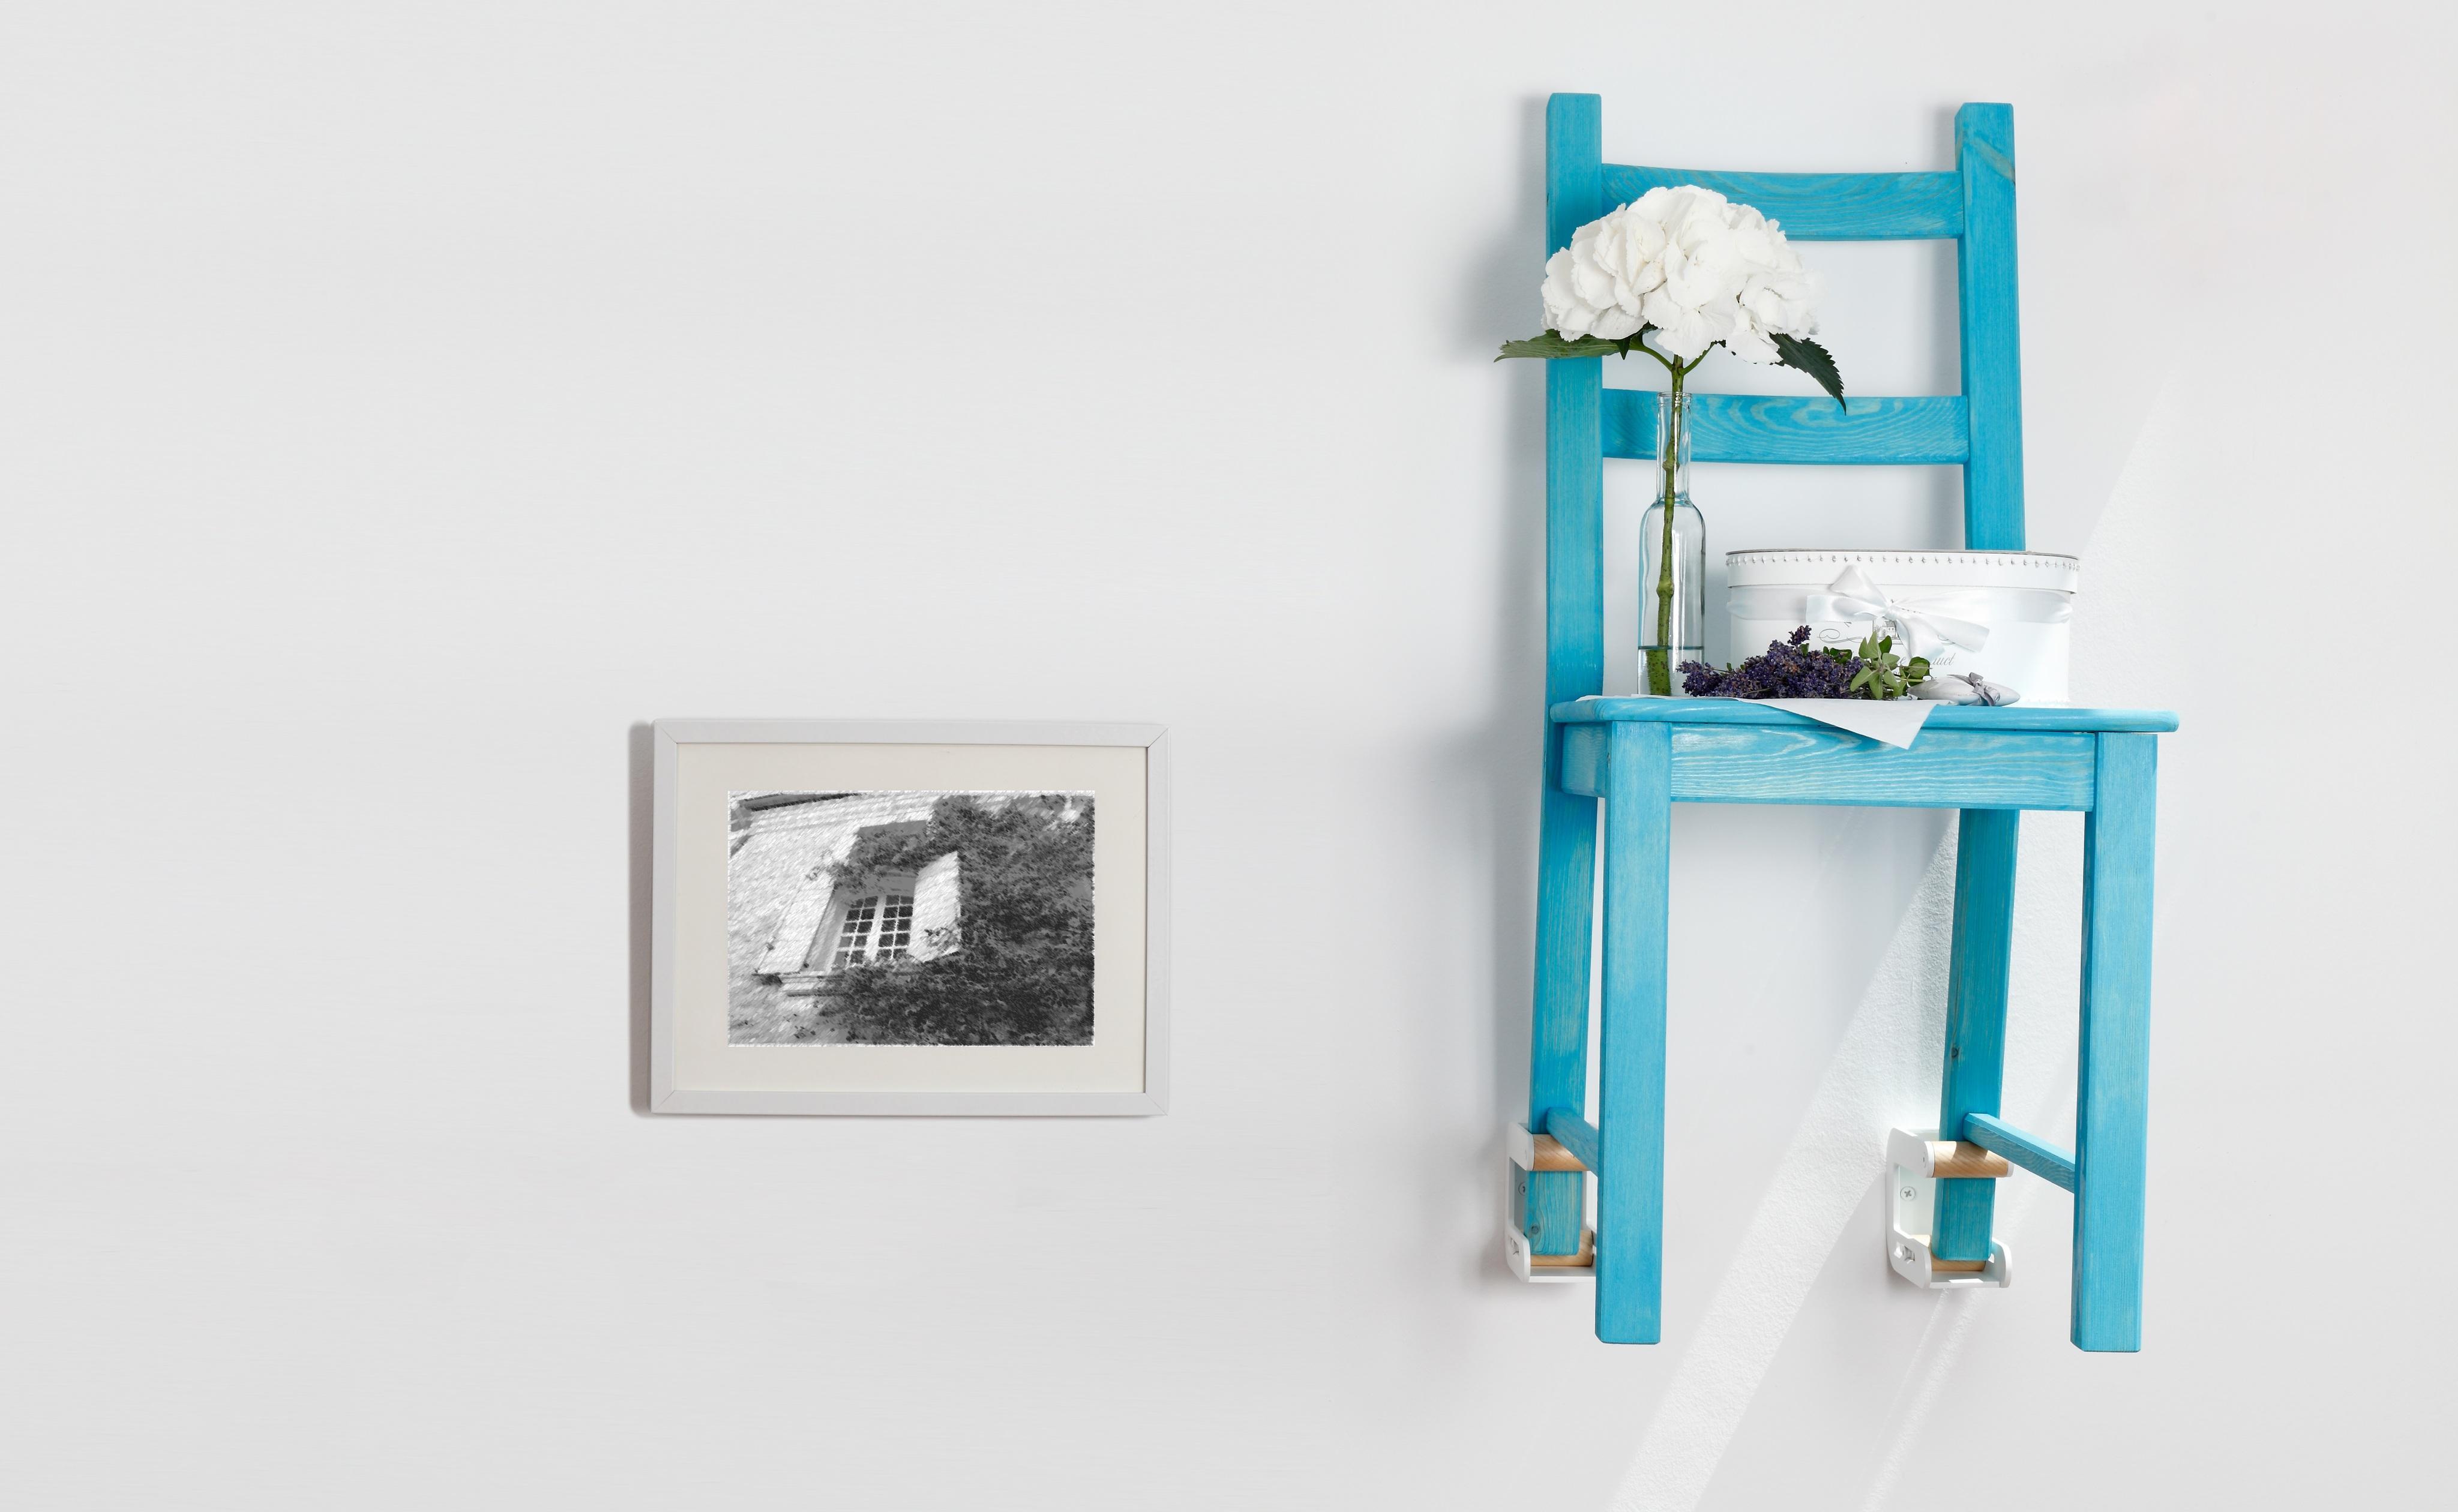 wandhalter bilder ideen couchstyle. Black Bedroom Furniture Sets. Home Design Ideas